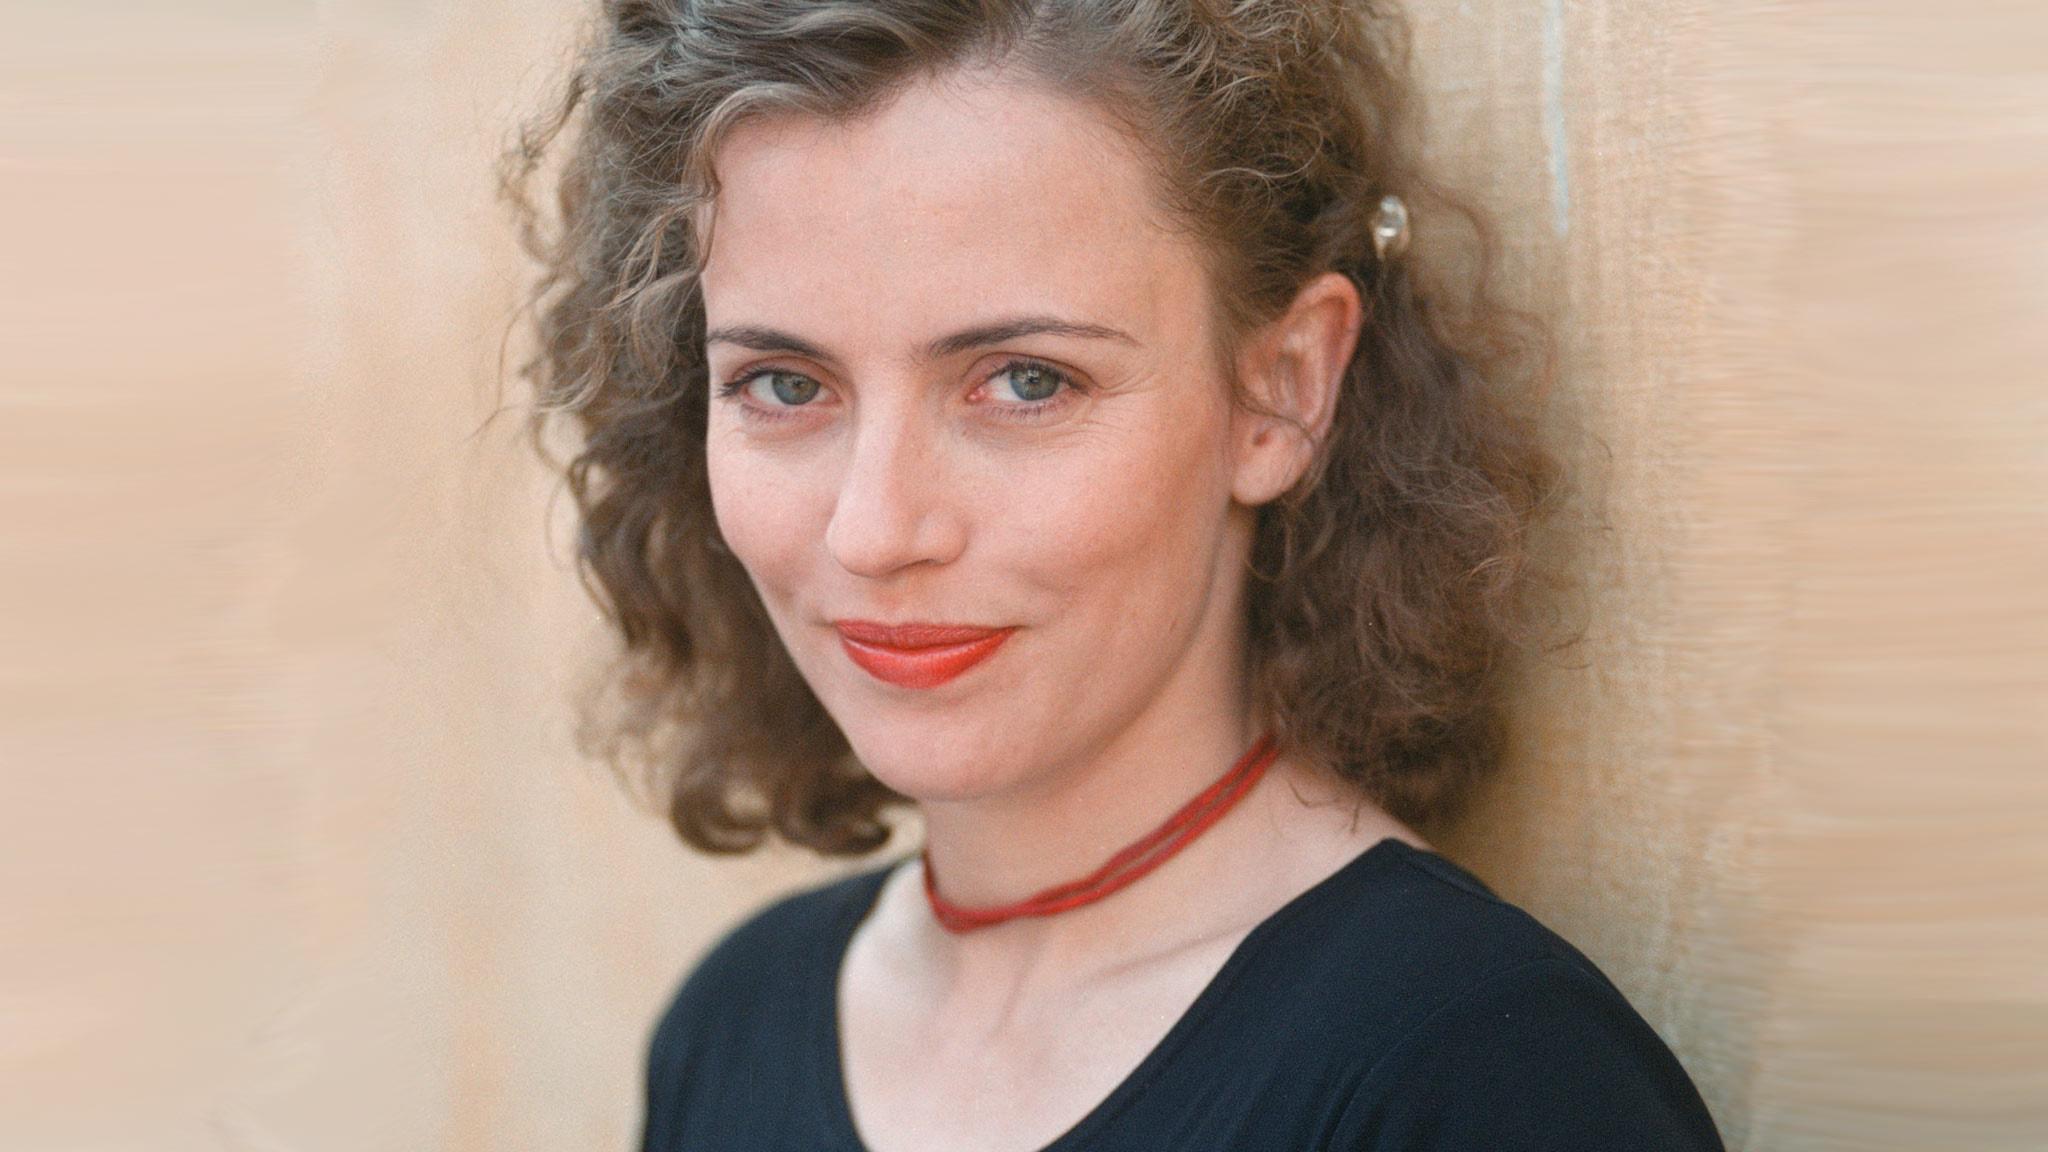 Amanda Ooms amanda ooms 1999 20 augusti 1999 kl 13.05 - sommar & vinter